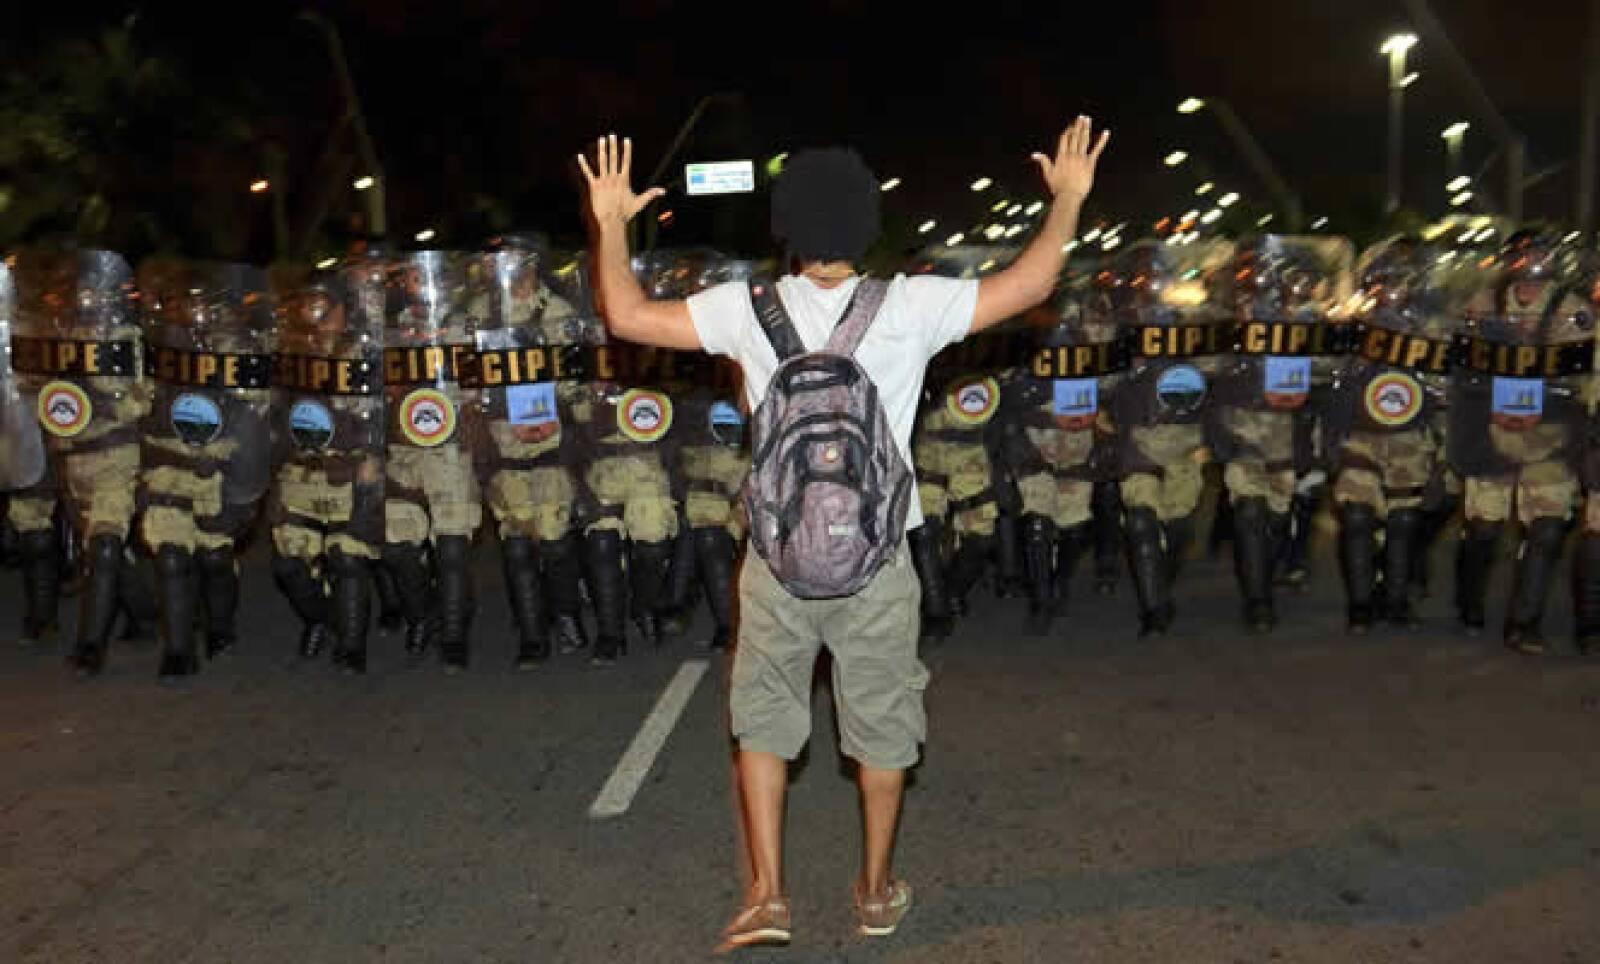 Las manifestaciones, las más grandes de la nación en dos décadas, han atraído a jóvenes estudiantes y a la clase media.